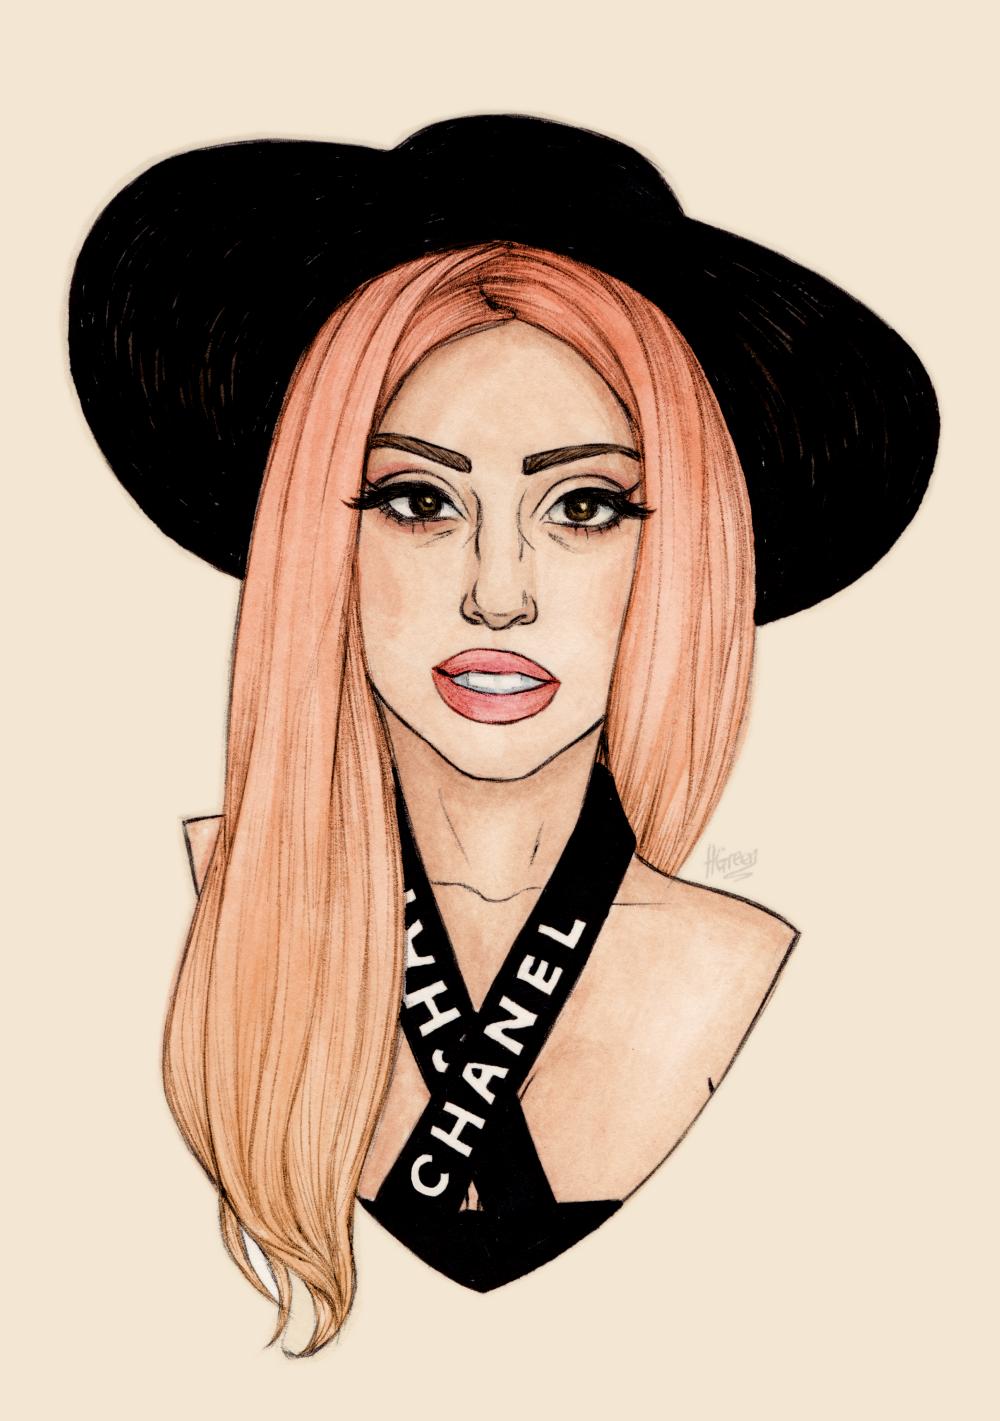 Google themes lady gaga - Lady Gaga Fanart By The Great Helen Green